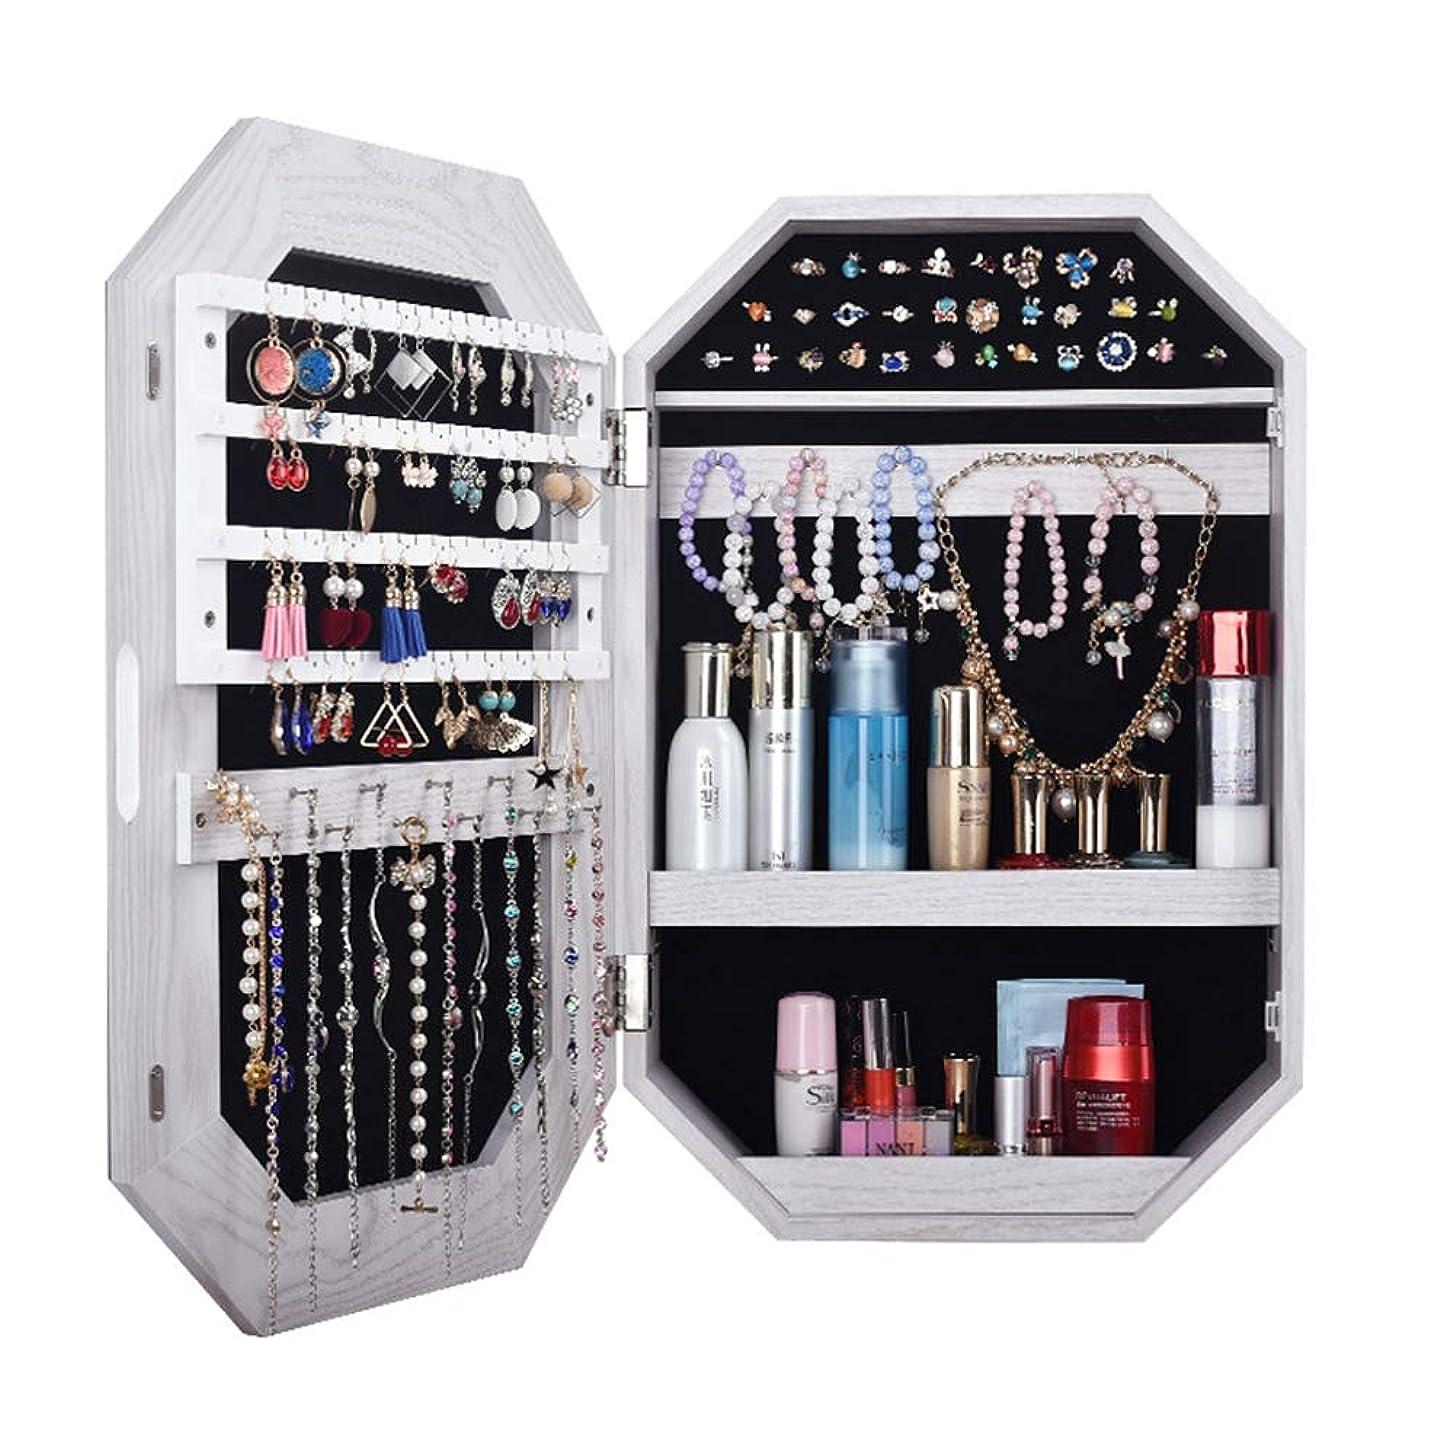 決済オープニング狂う化粧品ホルダー、壁掛け化粧鏡、寝室浴室多機能ストレージミラーキャビネット、木製家庭用スマートLedランプジュエリーキャビネットNayang Store